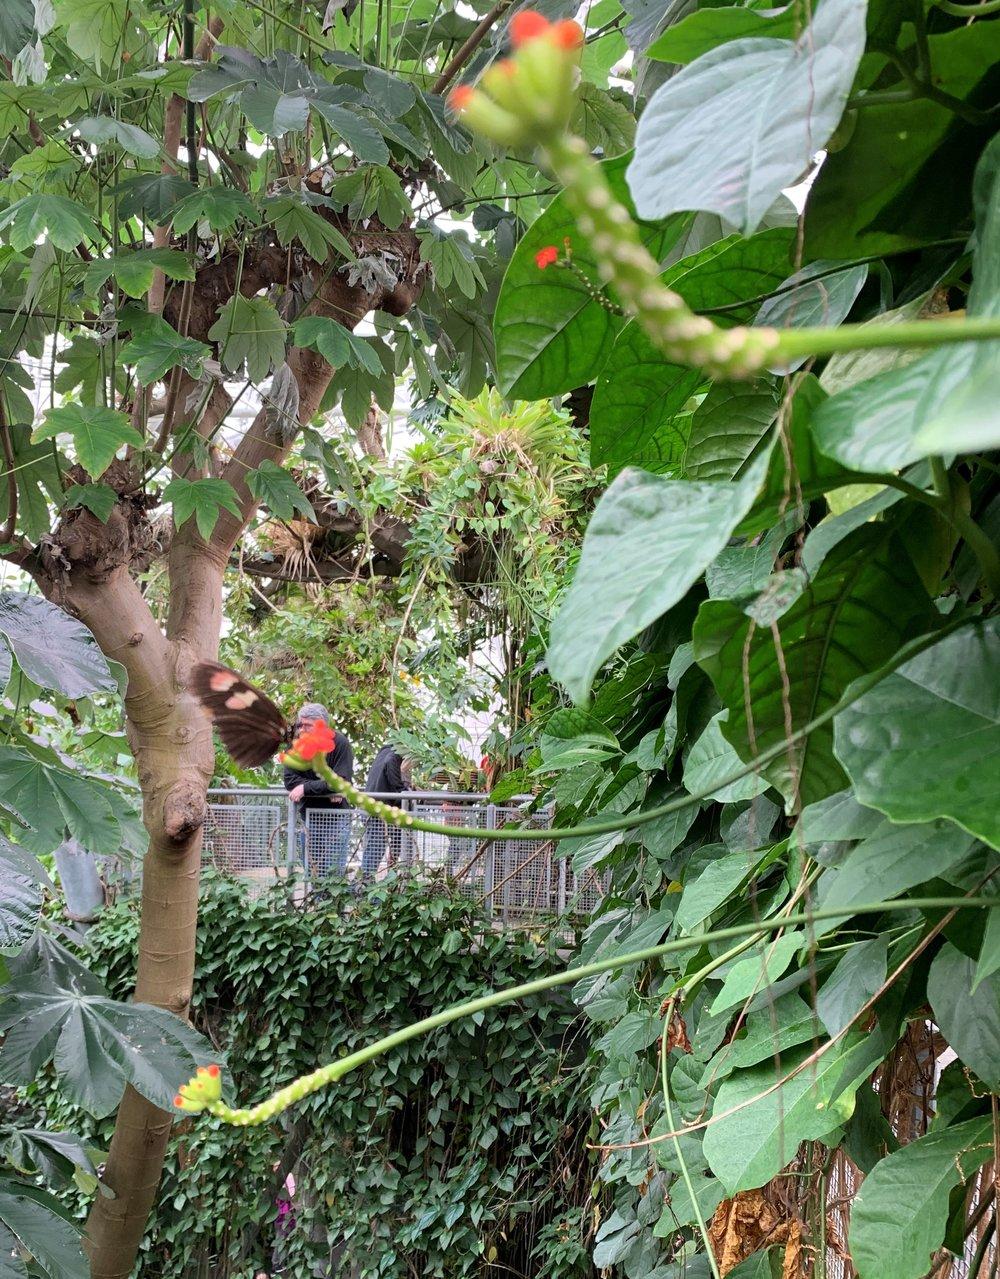 Cle Botanical Garden pic 20181223.jpg